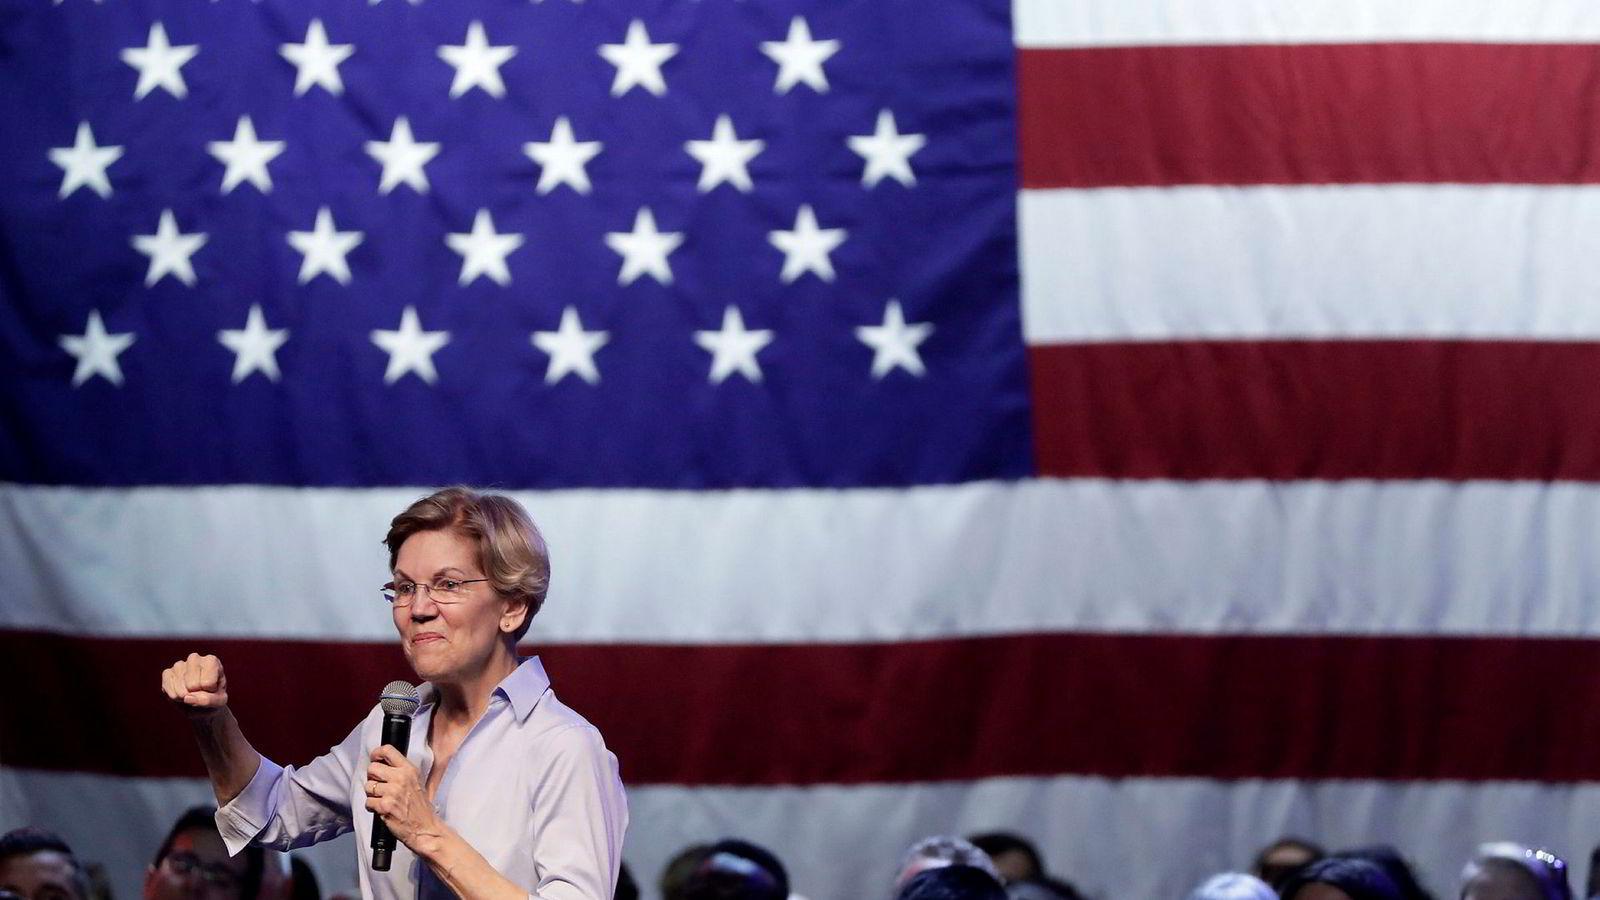 Den mest troverdige kandidaten, Elisabeth Warren, står i det gamle paradokset at hun må tape primærvalget for å vinne presidentvalget, eller omvendt, skriver artikkelforfatteren.